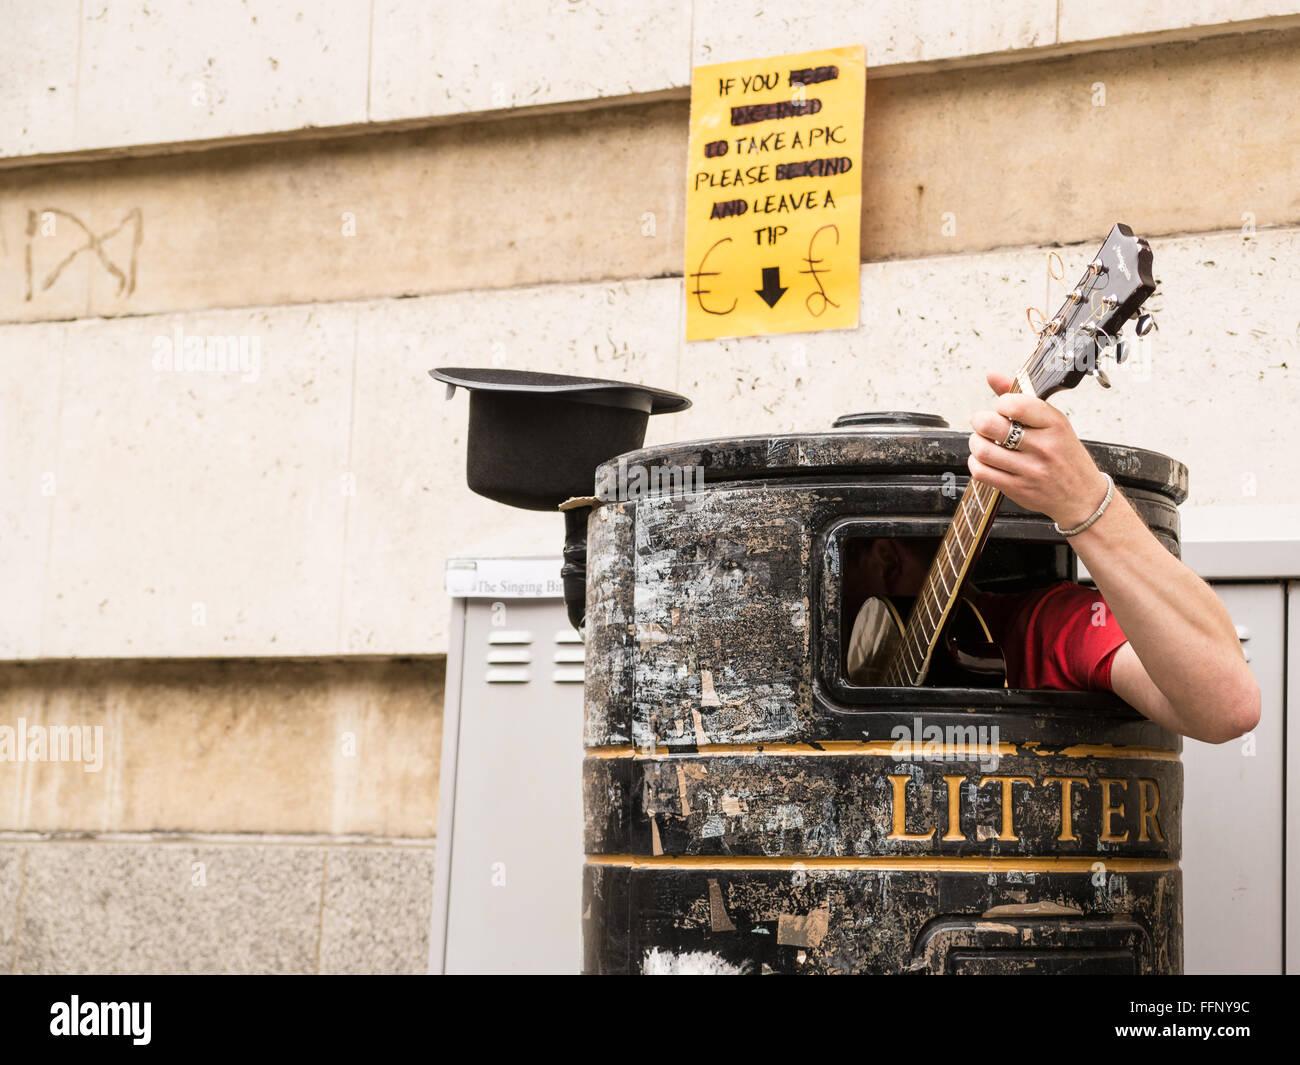 Busker di cantare e suonare la chitarra all'interno di un bidone della spazzatura in una strada. Immagini Stock